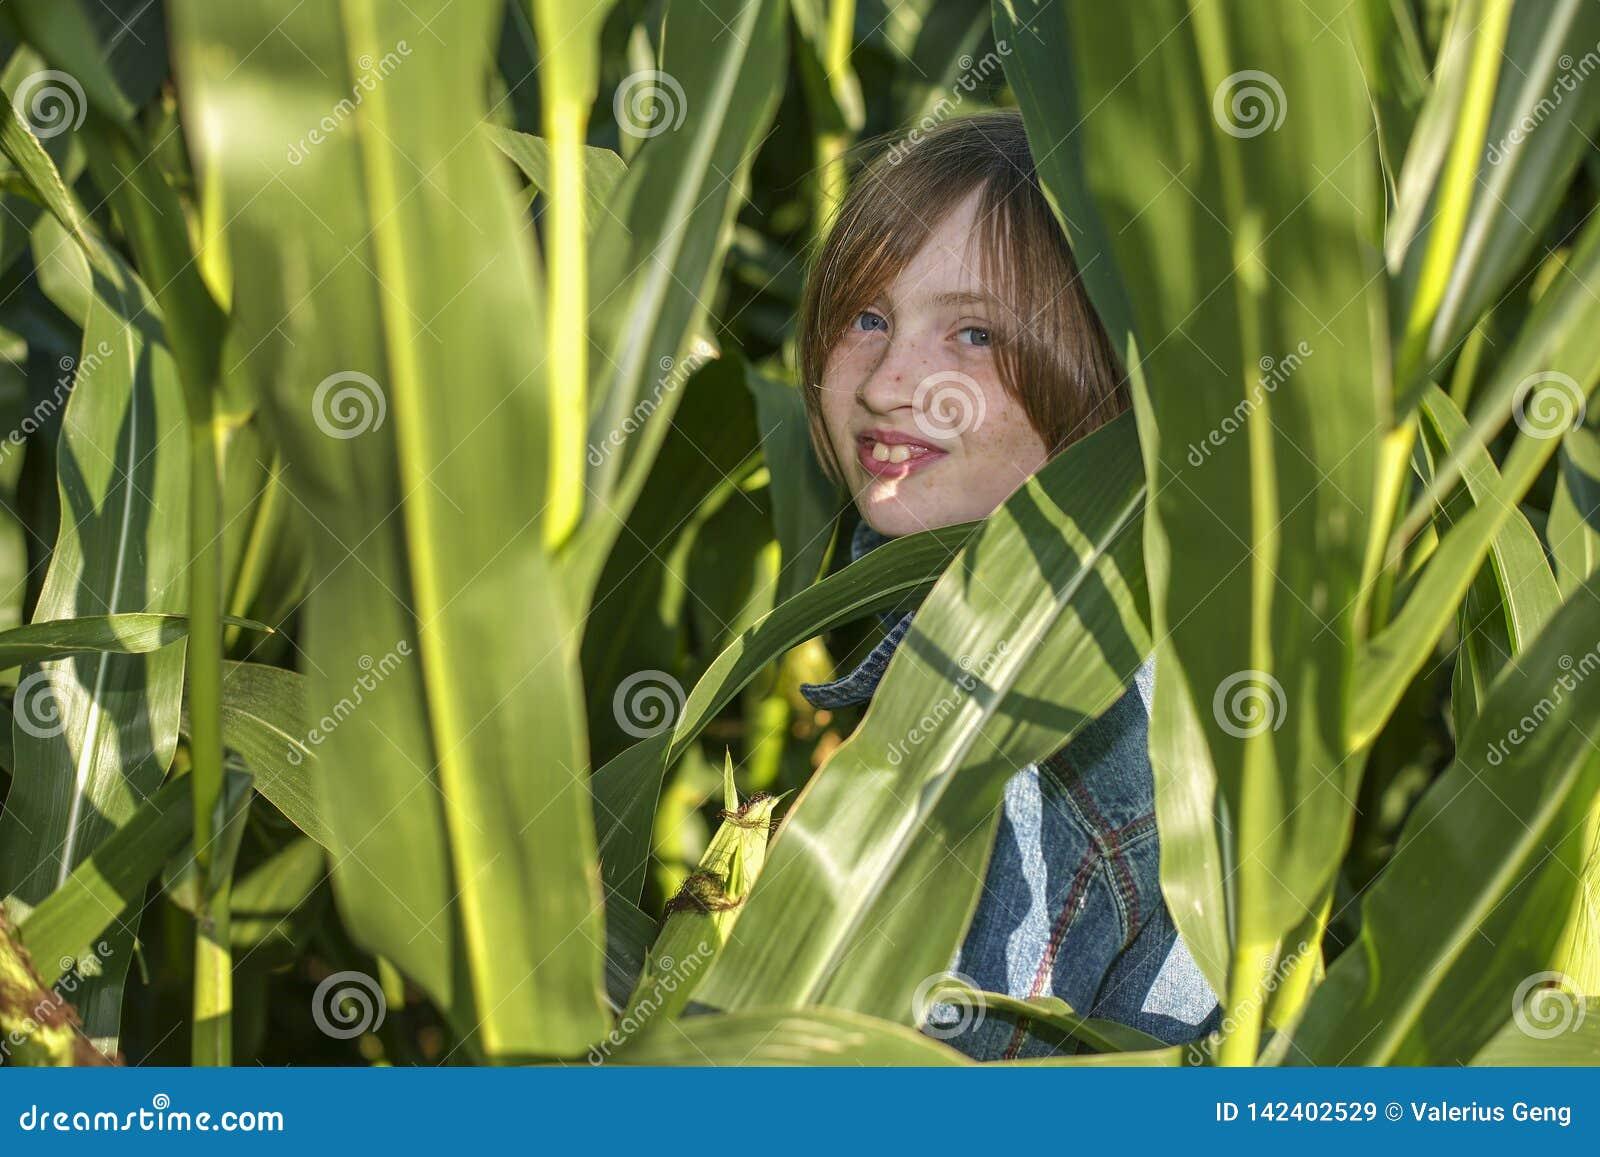 Une petite fille se cache dans le domaine de maïs